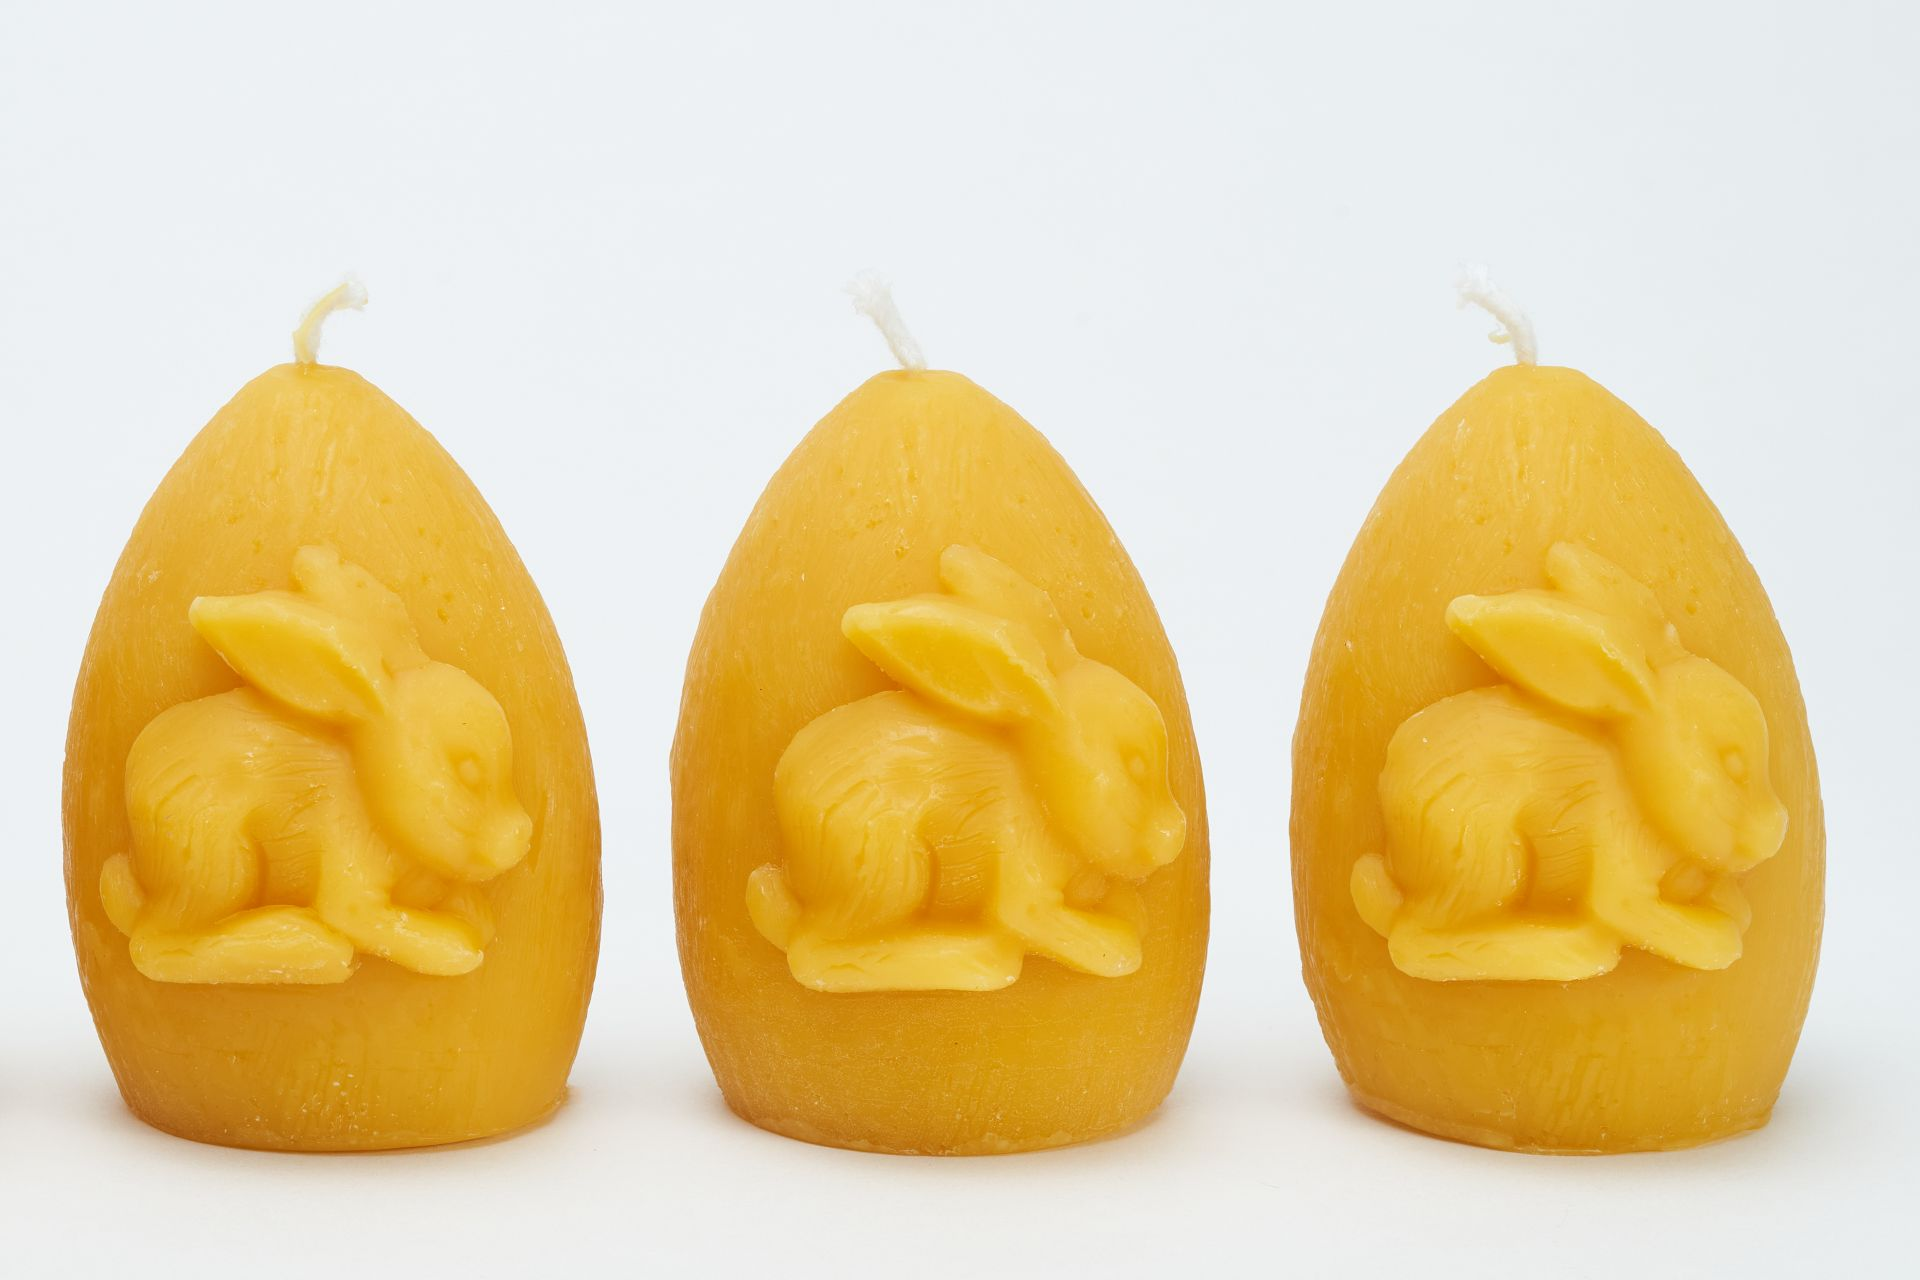 3x Kerze Osterei mit Hase (Höhe ca. 8cm) aus 100% Bienenwachs vom Imker